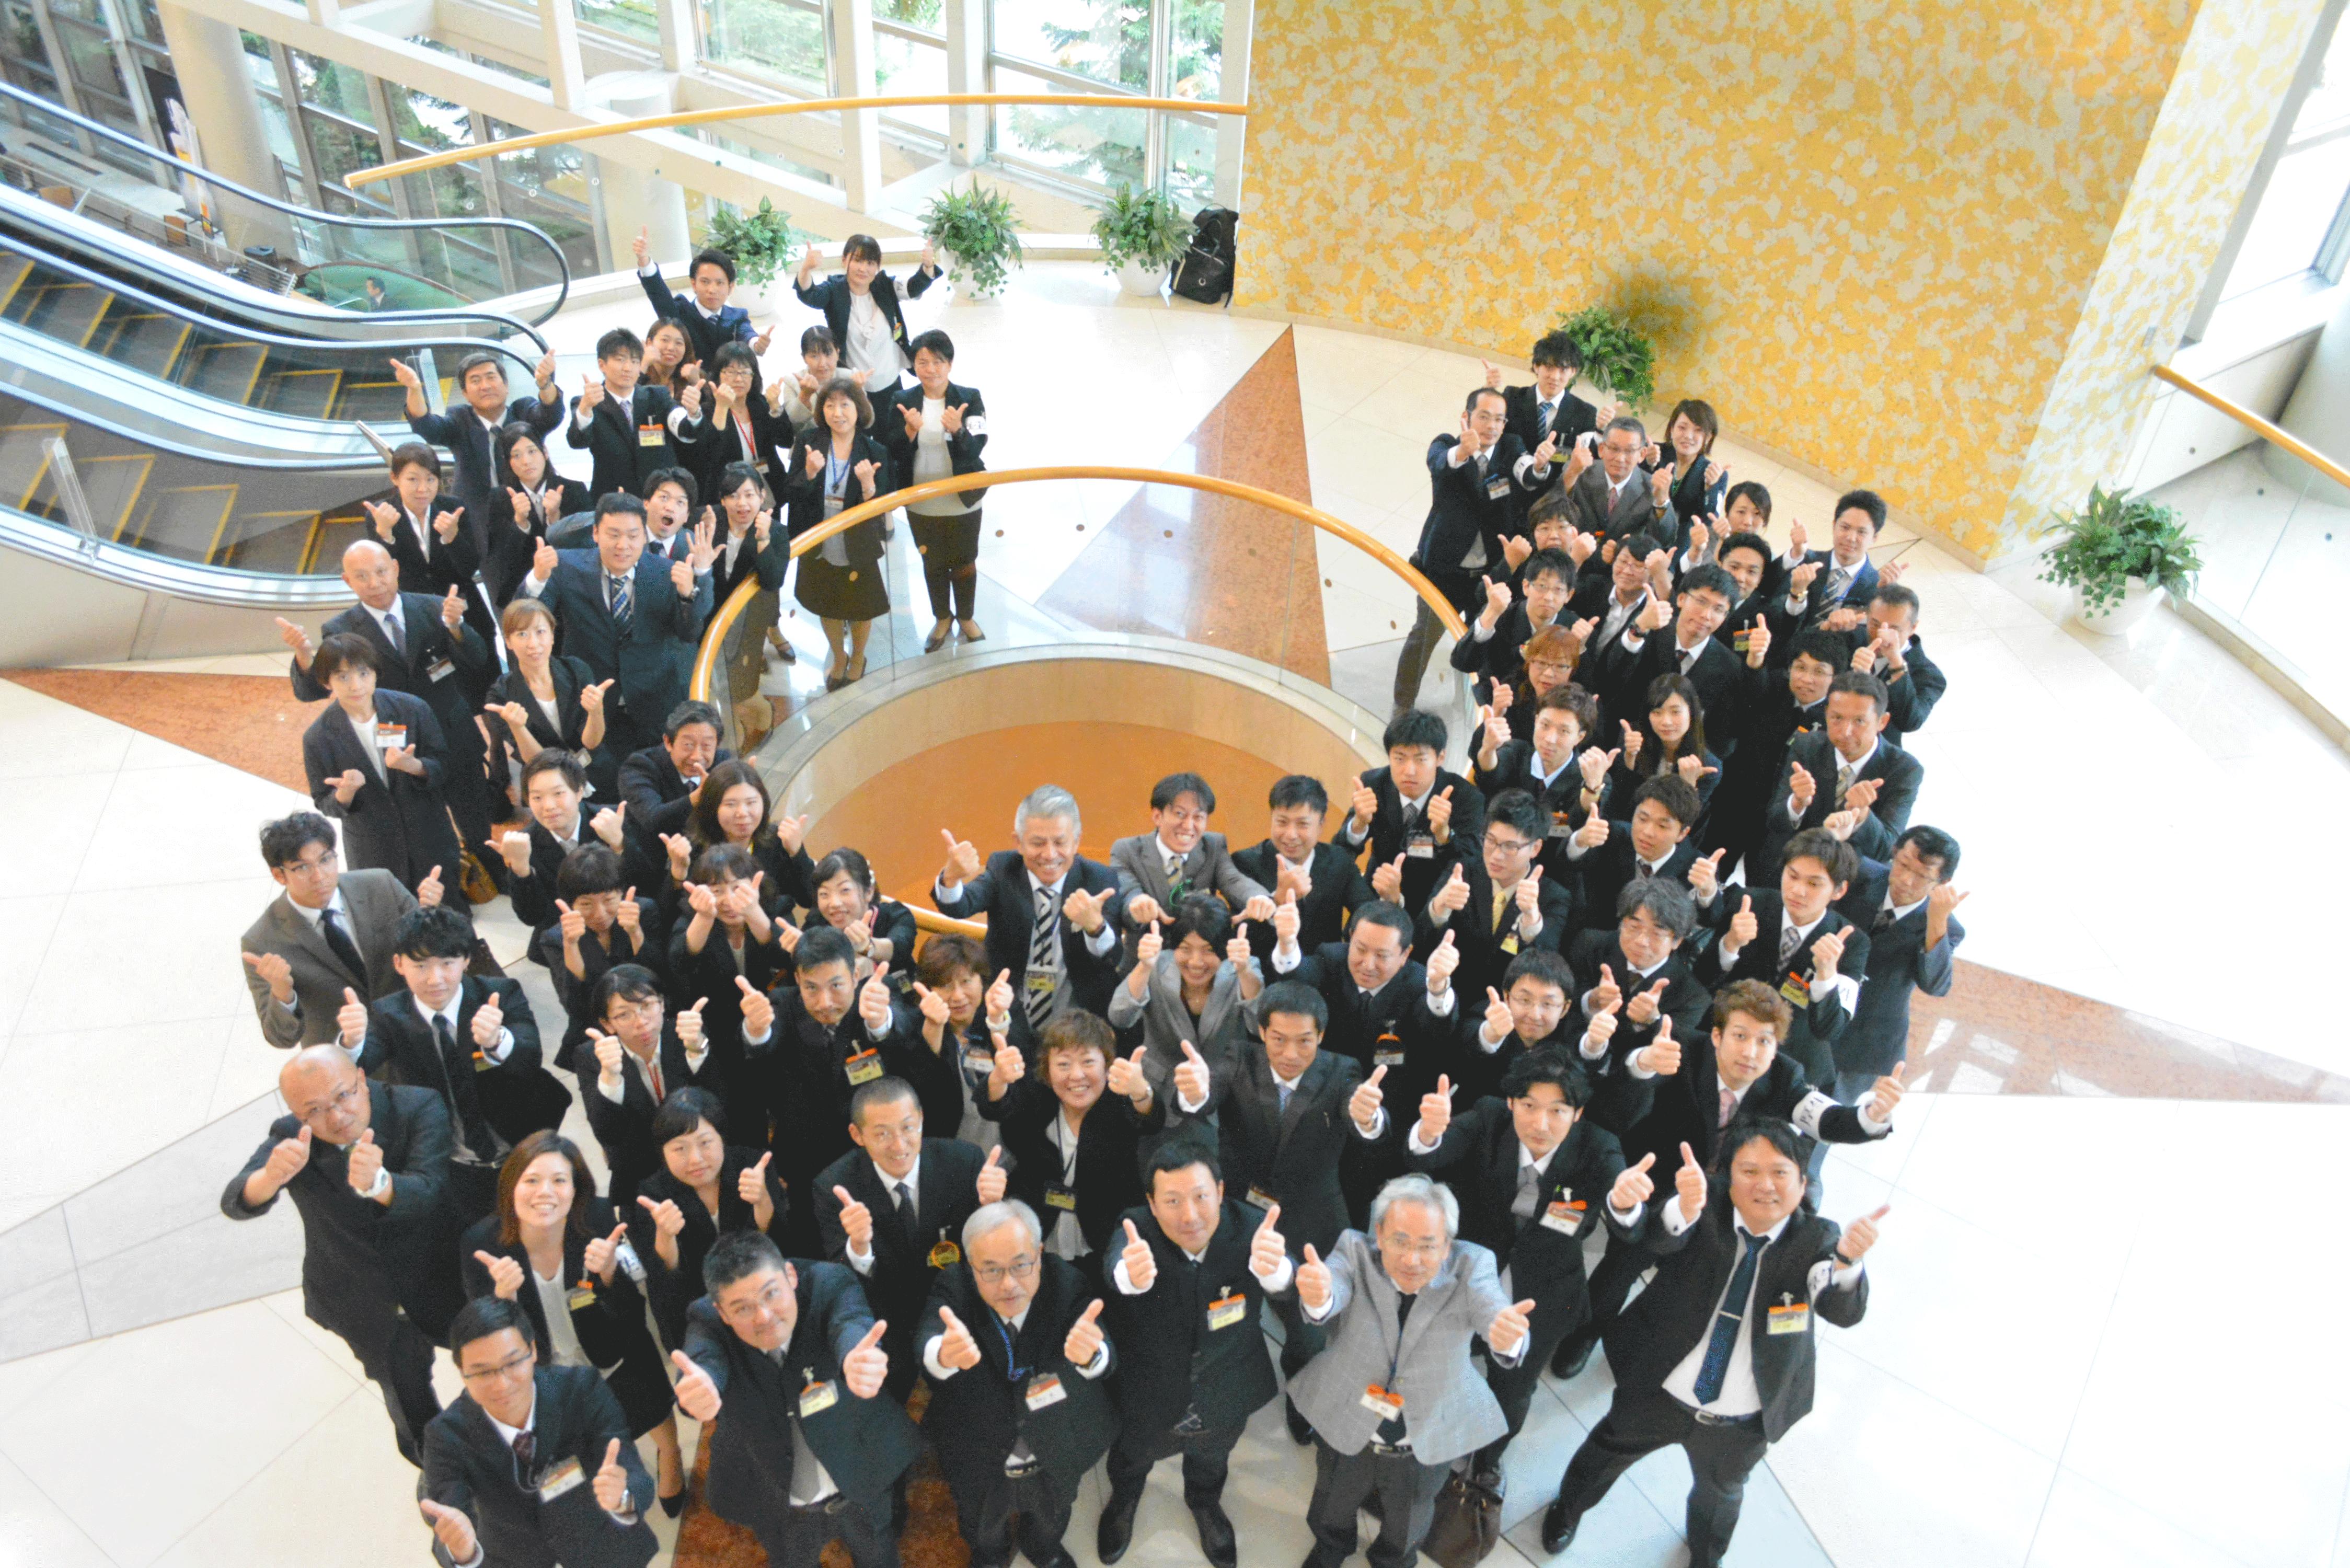 株式会社まごころはこんな会社です、社員の集合写真。